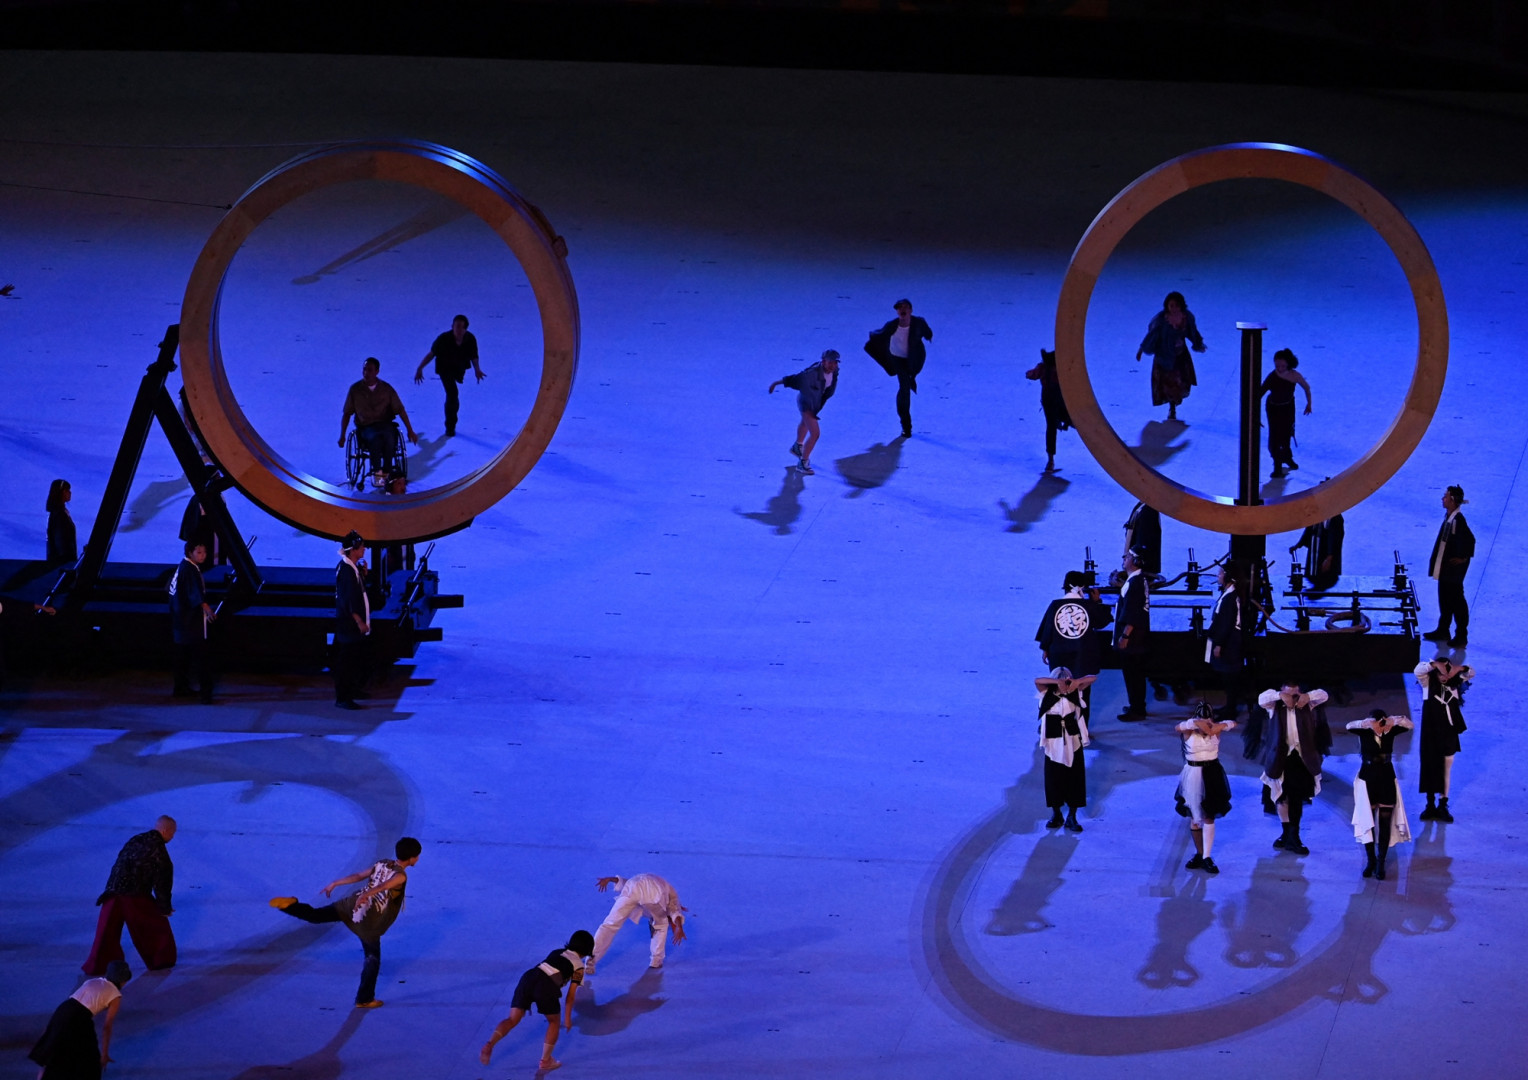 Les cinq anneaux olympiques arrivent séparément sur des chariots de bois